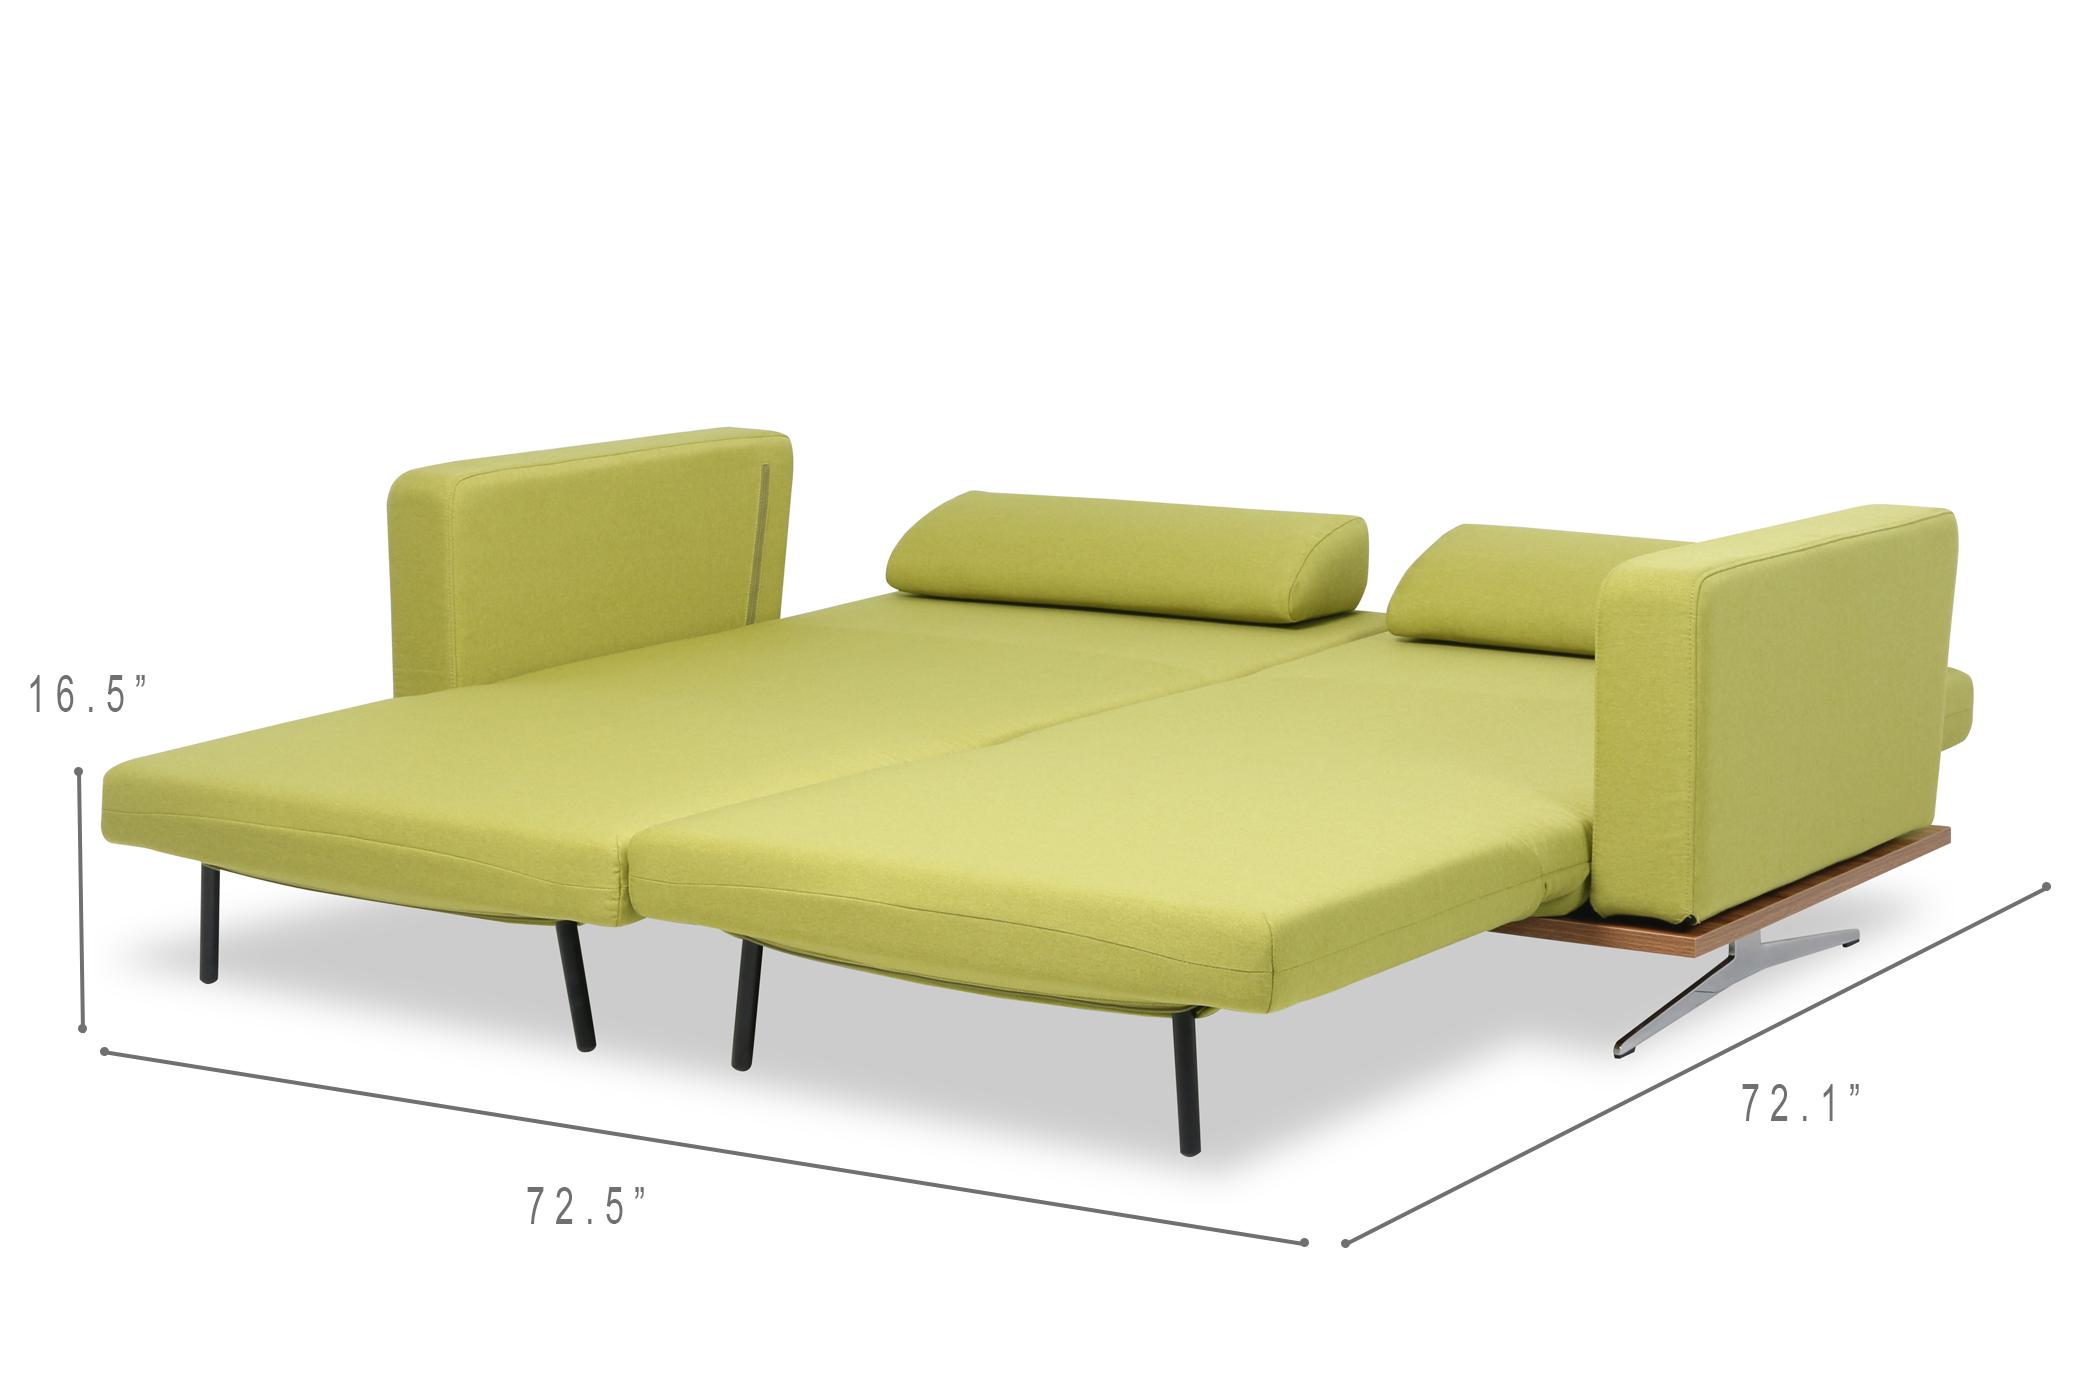 Full Size of Mondo Sofa Modern Bed Spaze Furniture 2 Sitzer Mit Schlaffunktion Riess Ambiente Garnitur Teilig Bezug Ecksofa Ottomane Boxen Tom Tailor Groß Türkis Schillig Sofa Mondo Sofa